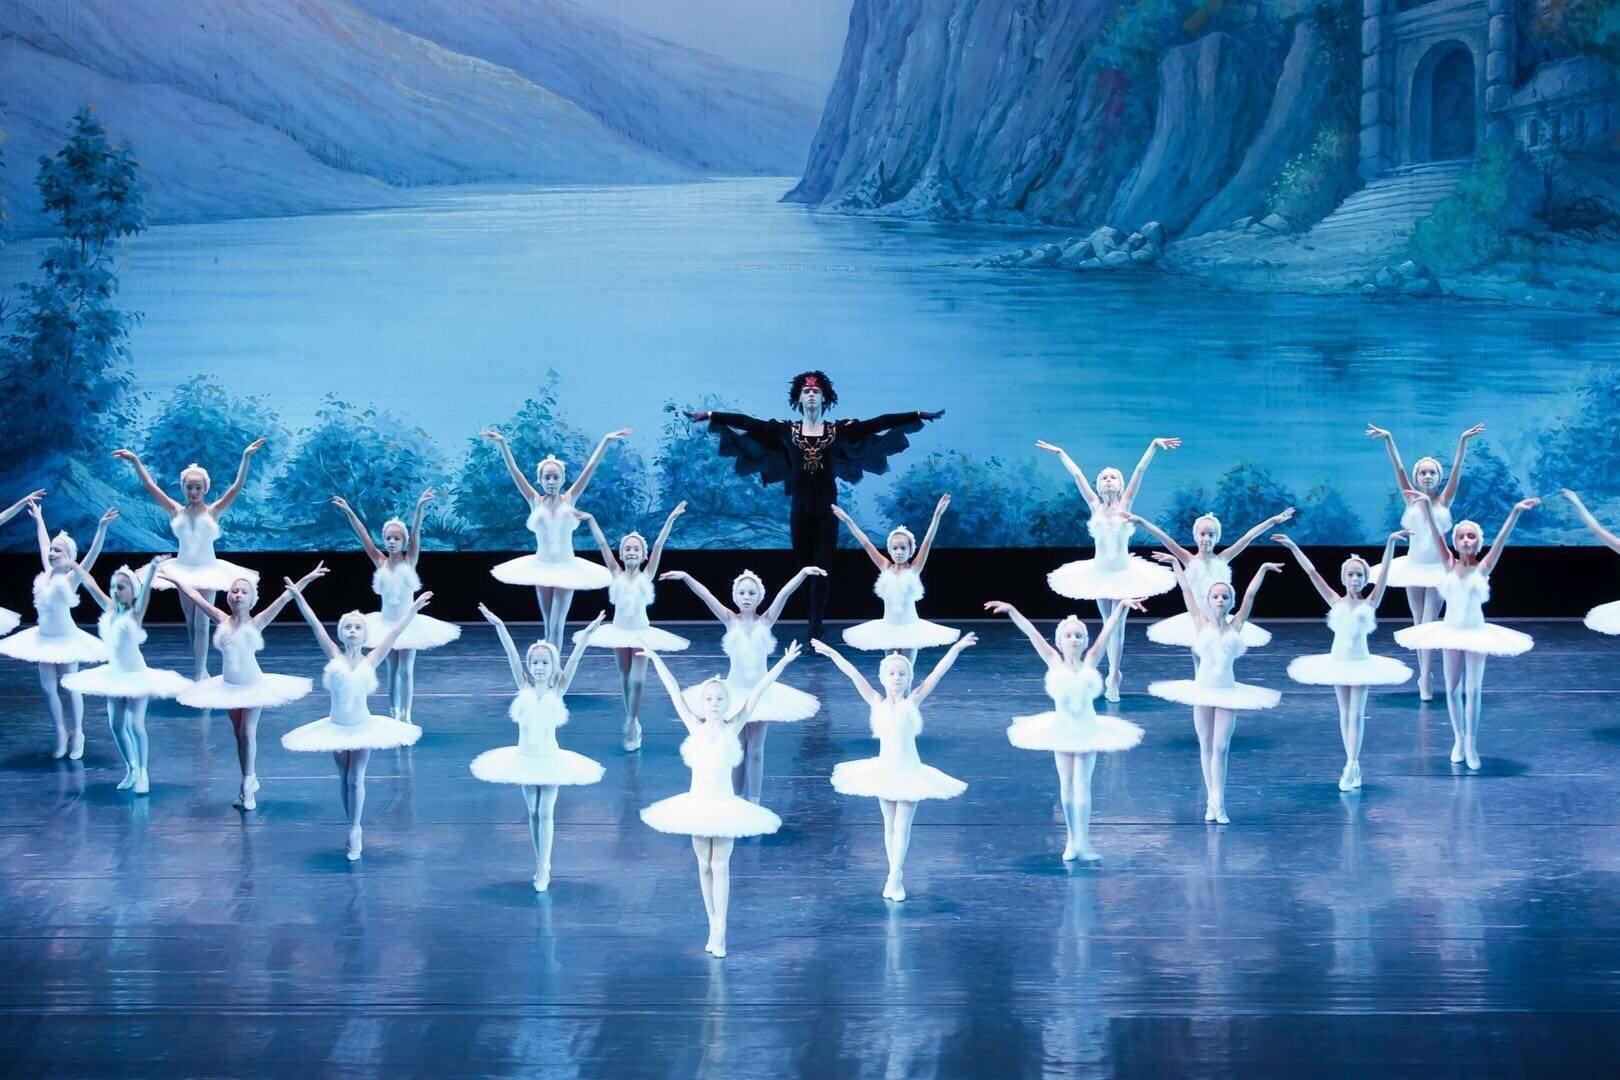 балет лебединое озеро в картинках костюмы твида